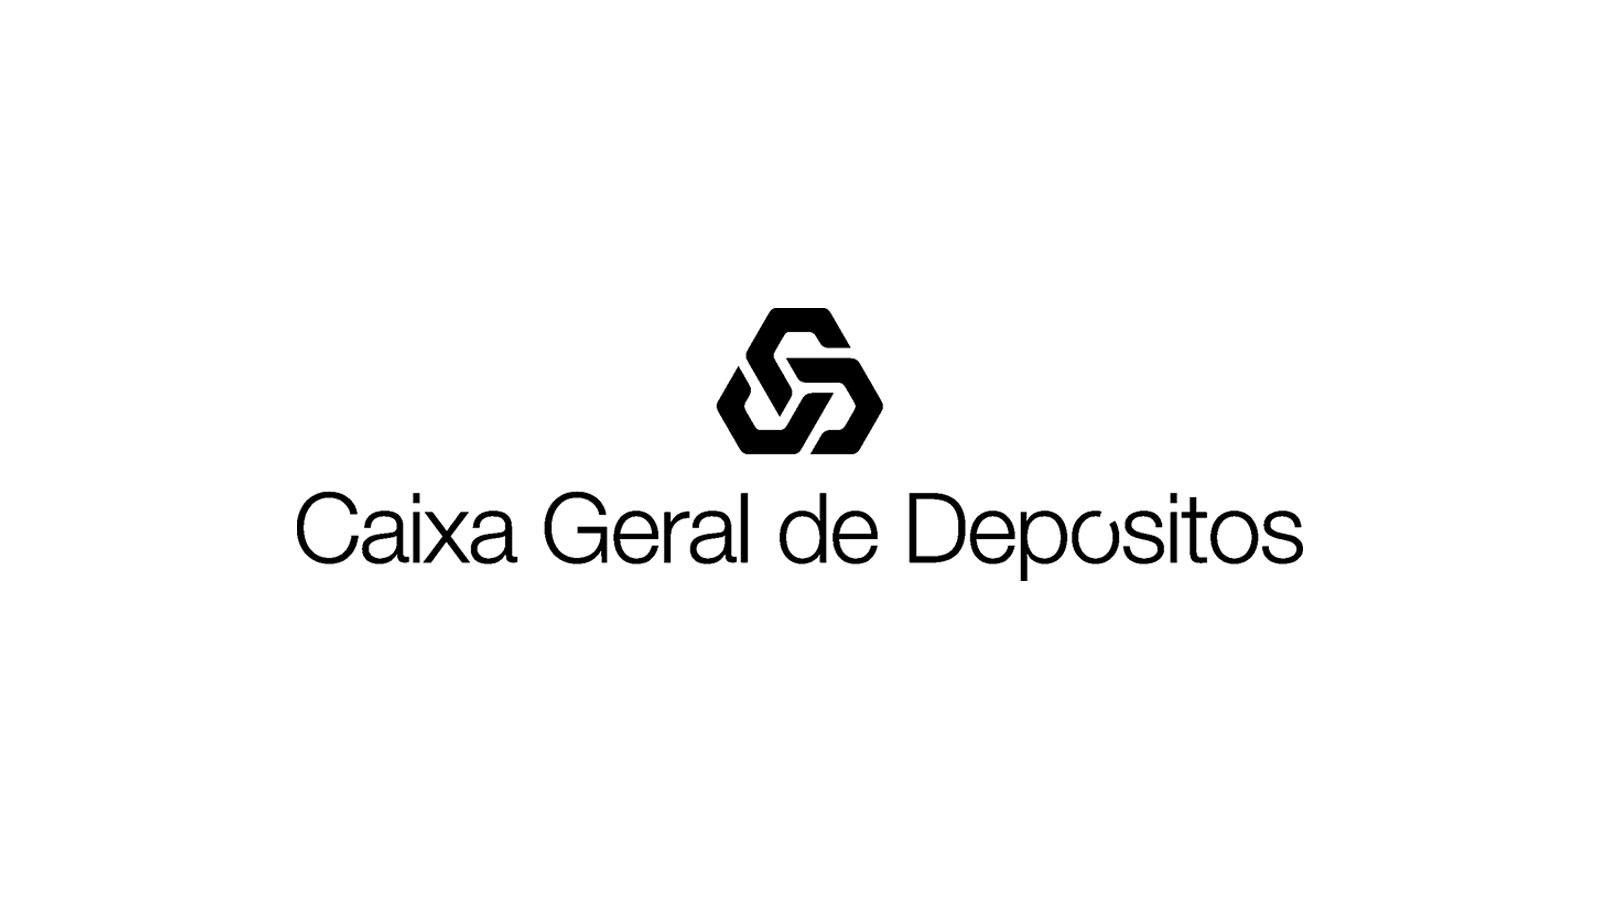 Caixa Geral de Depósitos logo